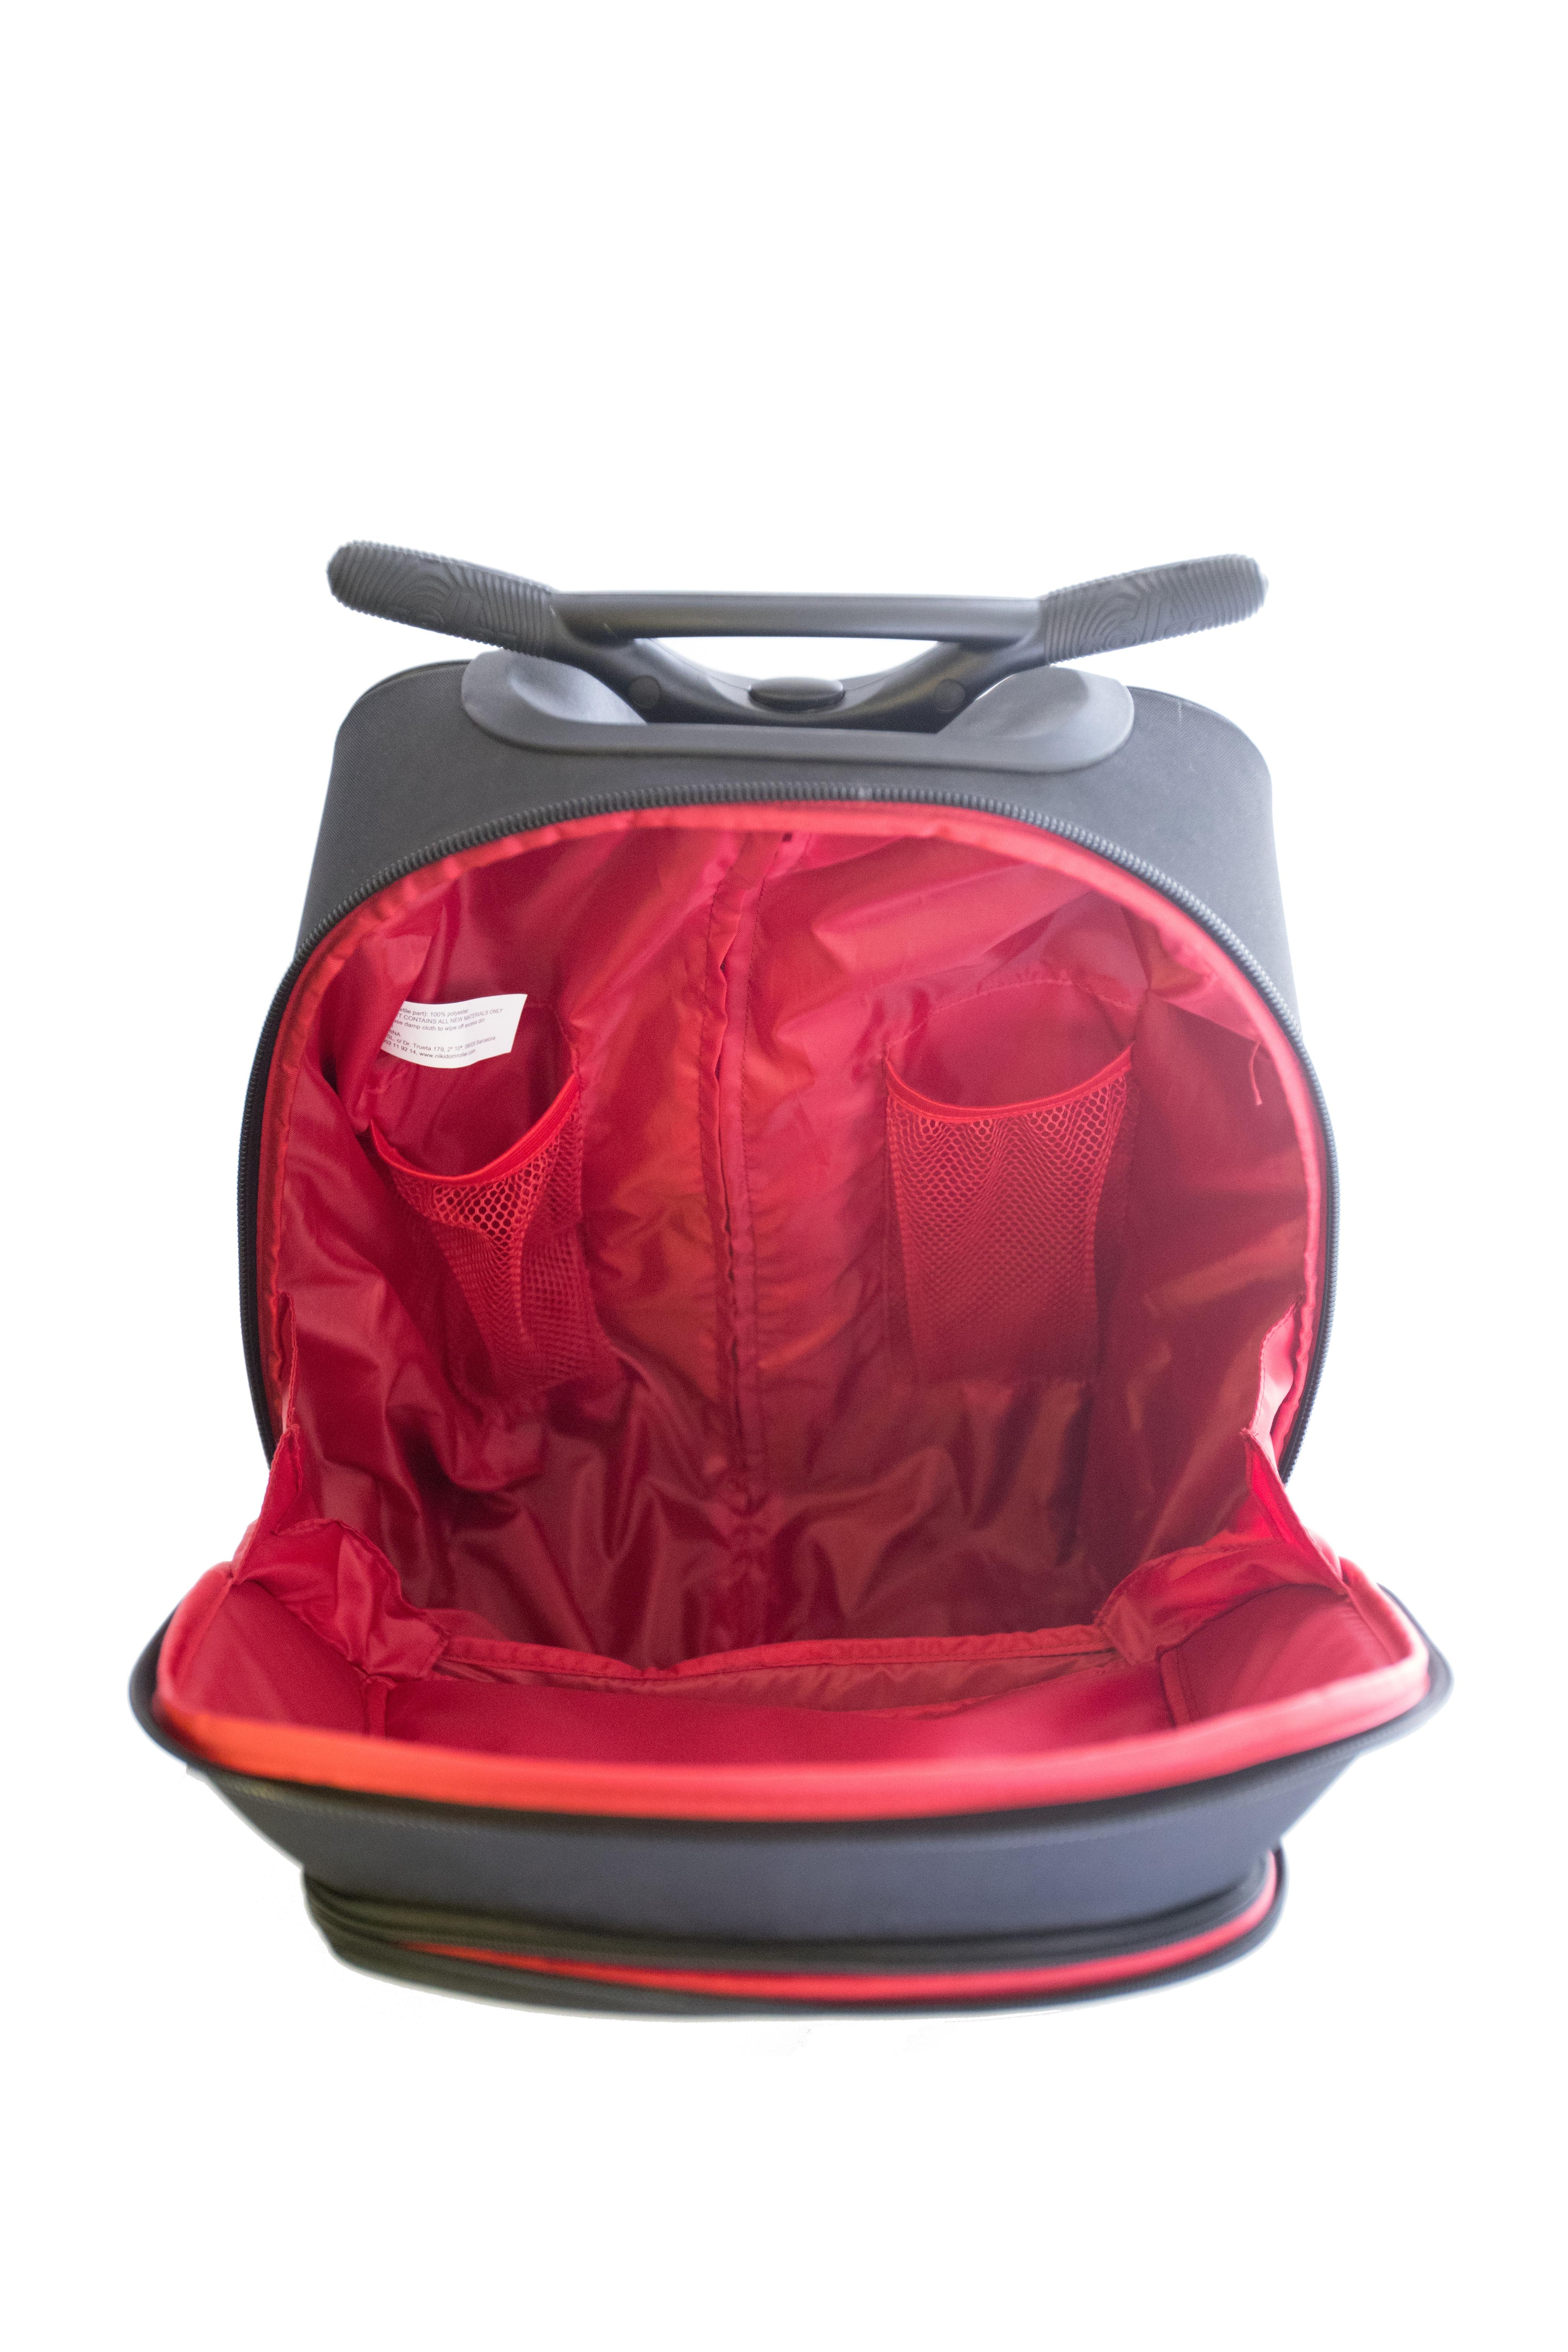 Školní taška na kolečkách Nikidom Roller XL Miami  1669bb48d6